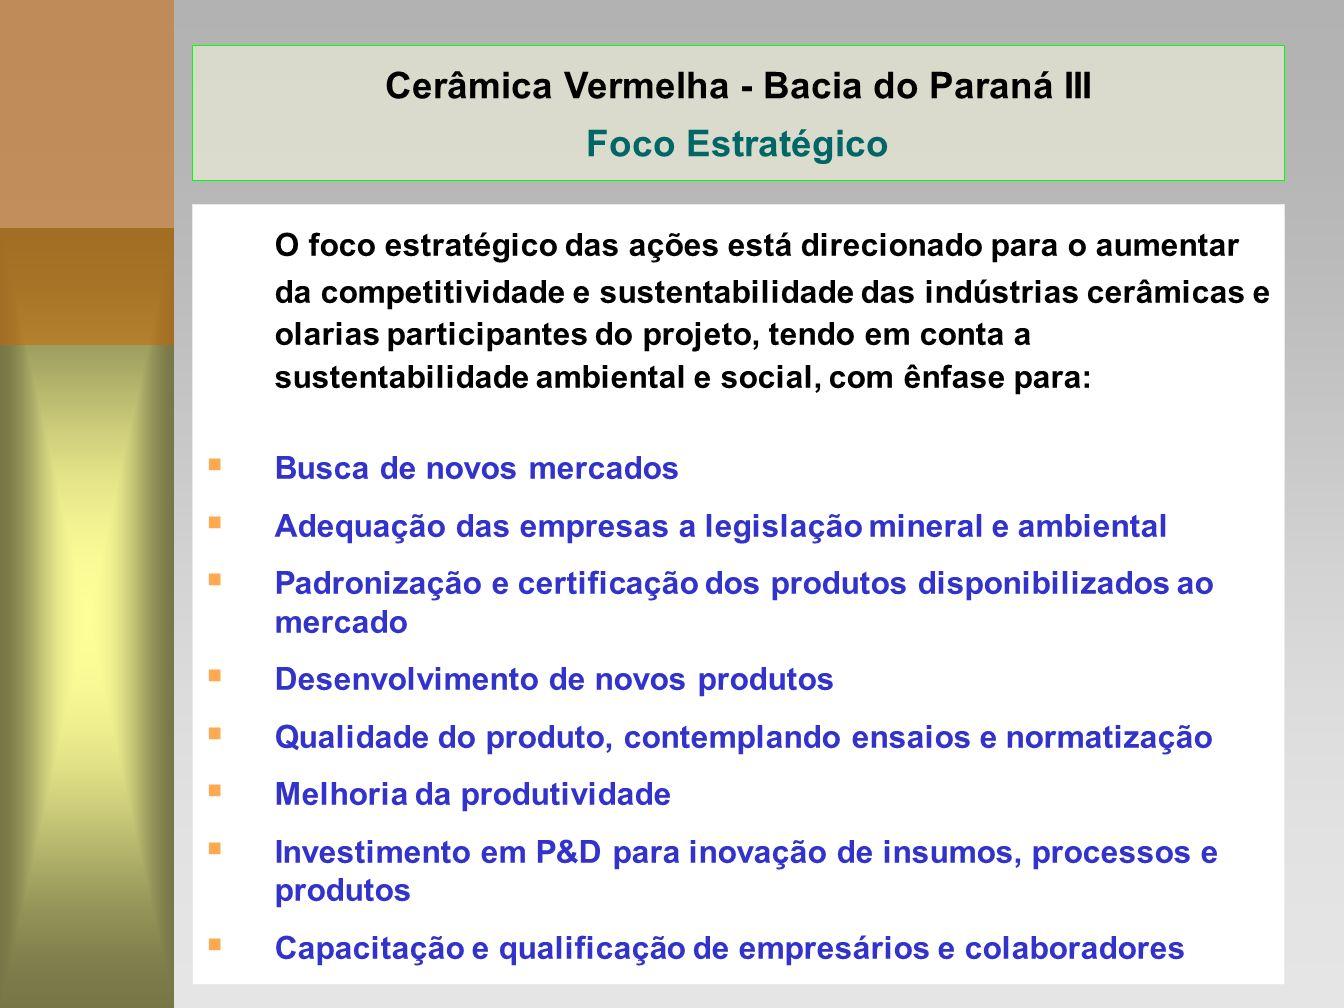 Cerâmica Vermelha - Bacia do Paraná III Foco Estratégico